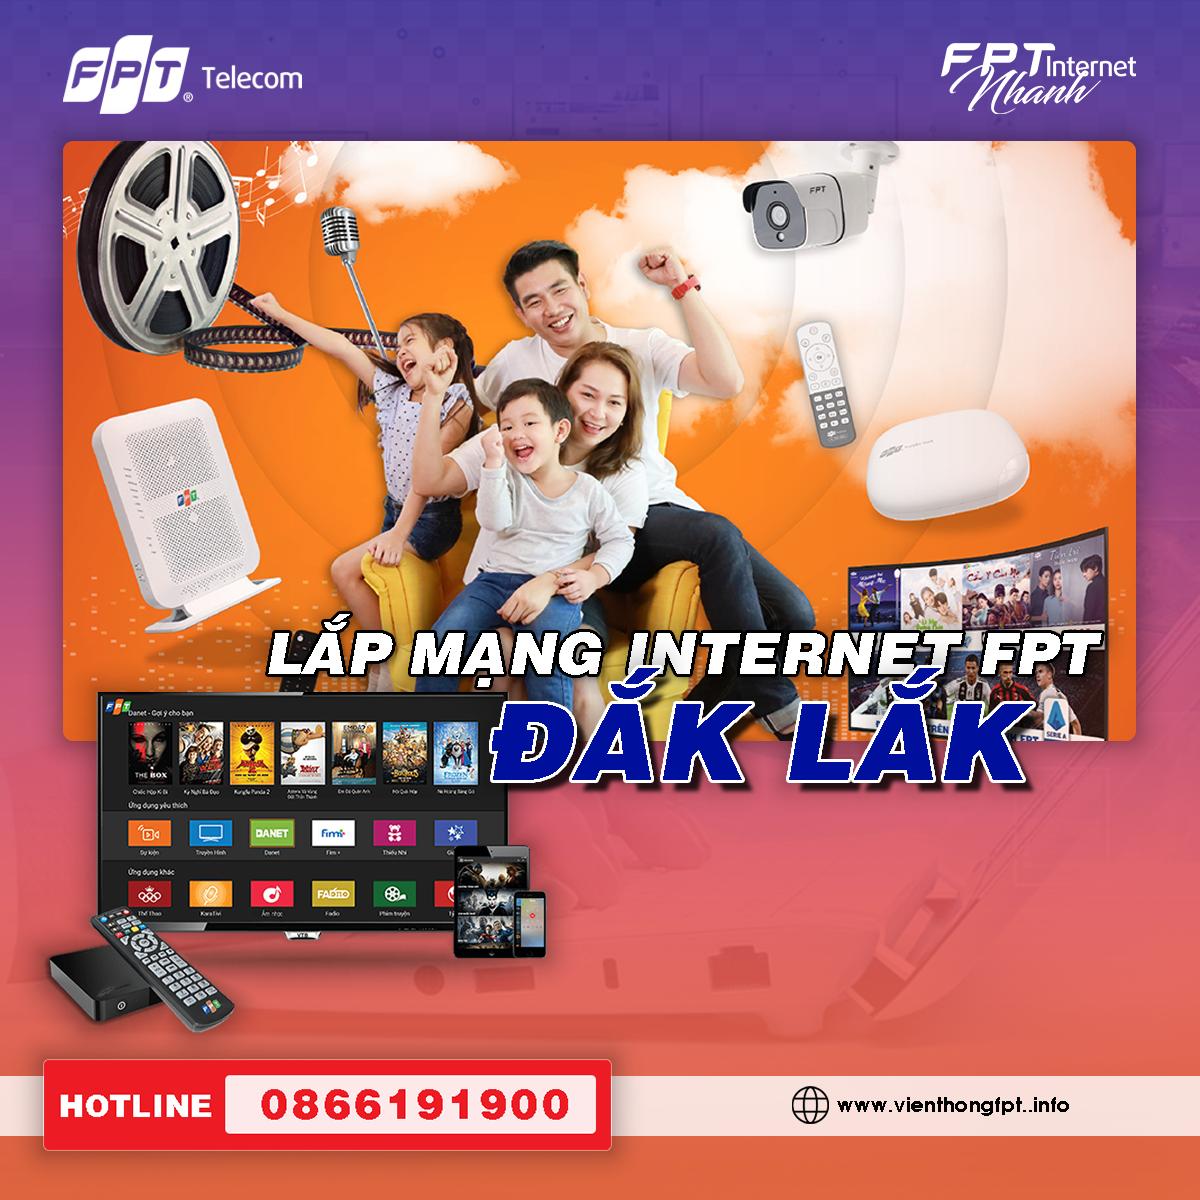 Đăng ký Internet cáp quang FPT tại Đắk Lắk